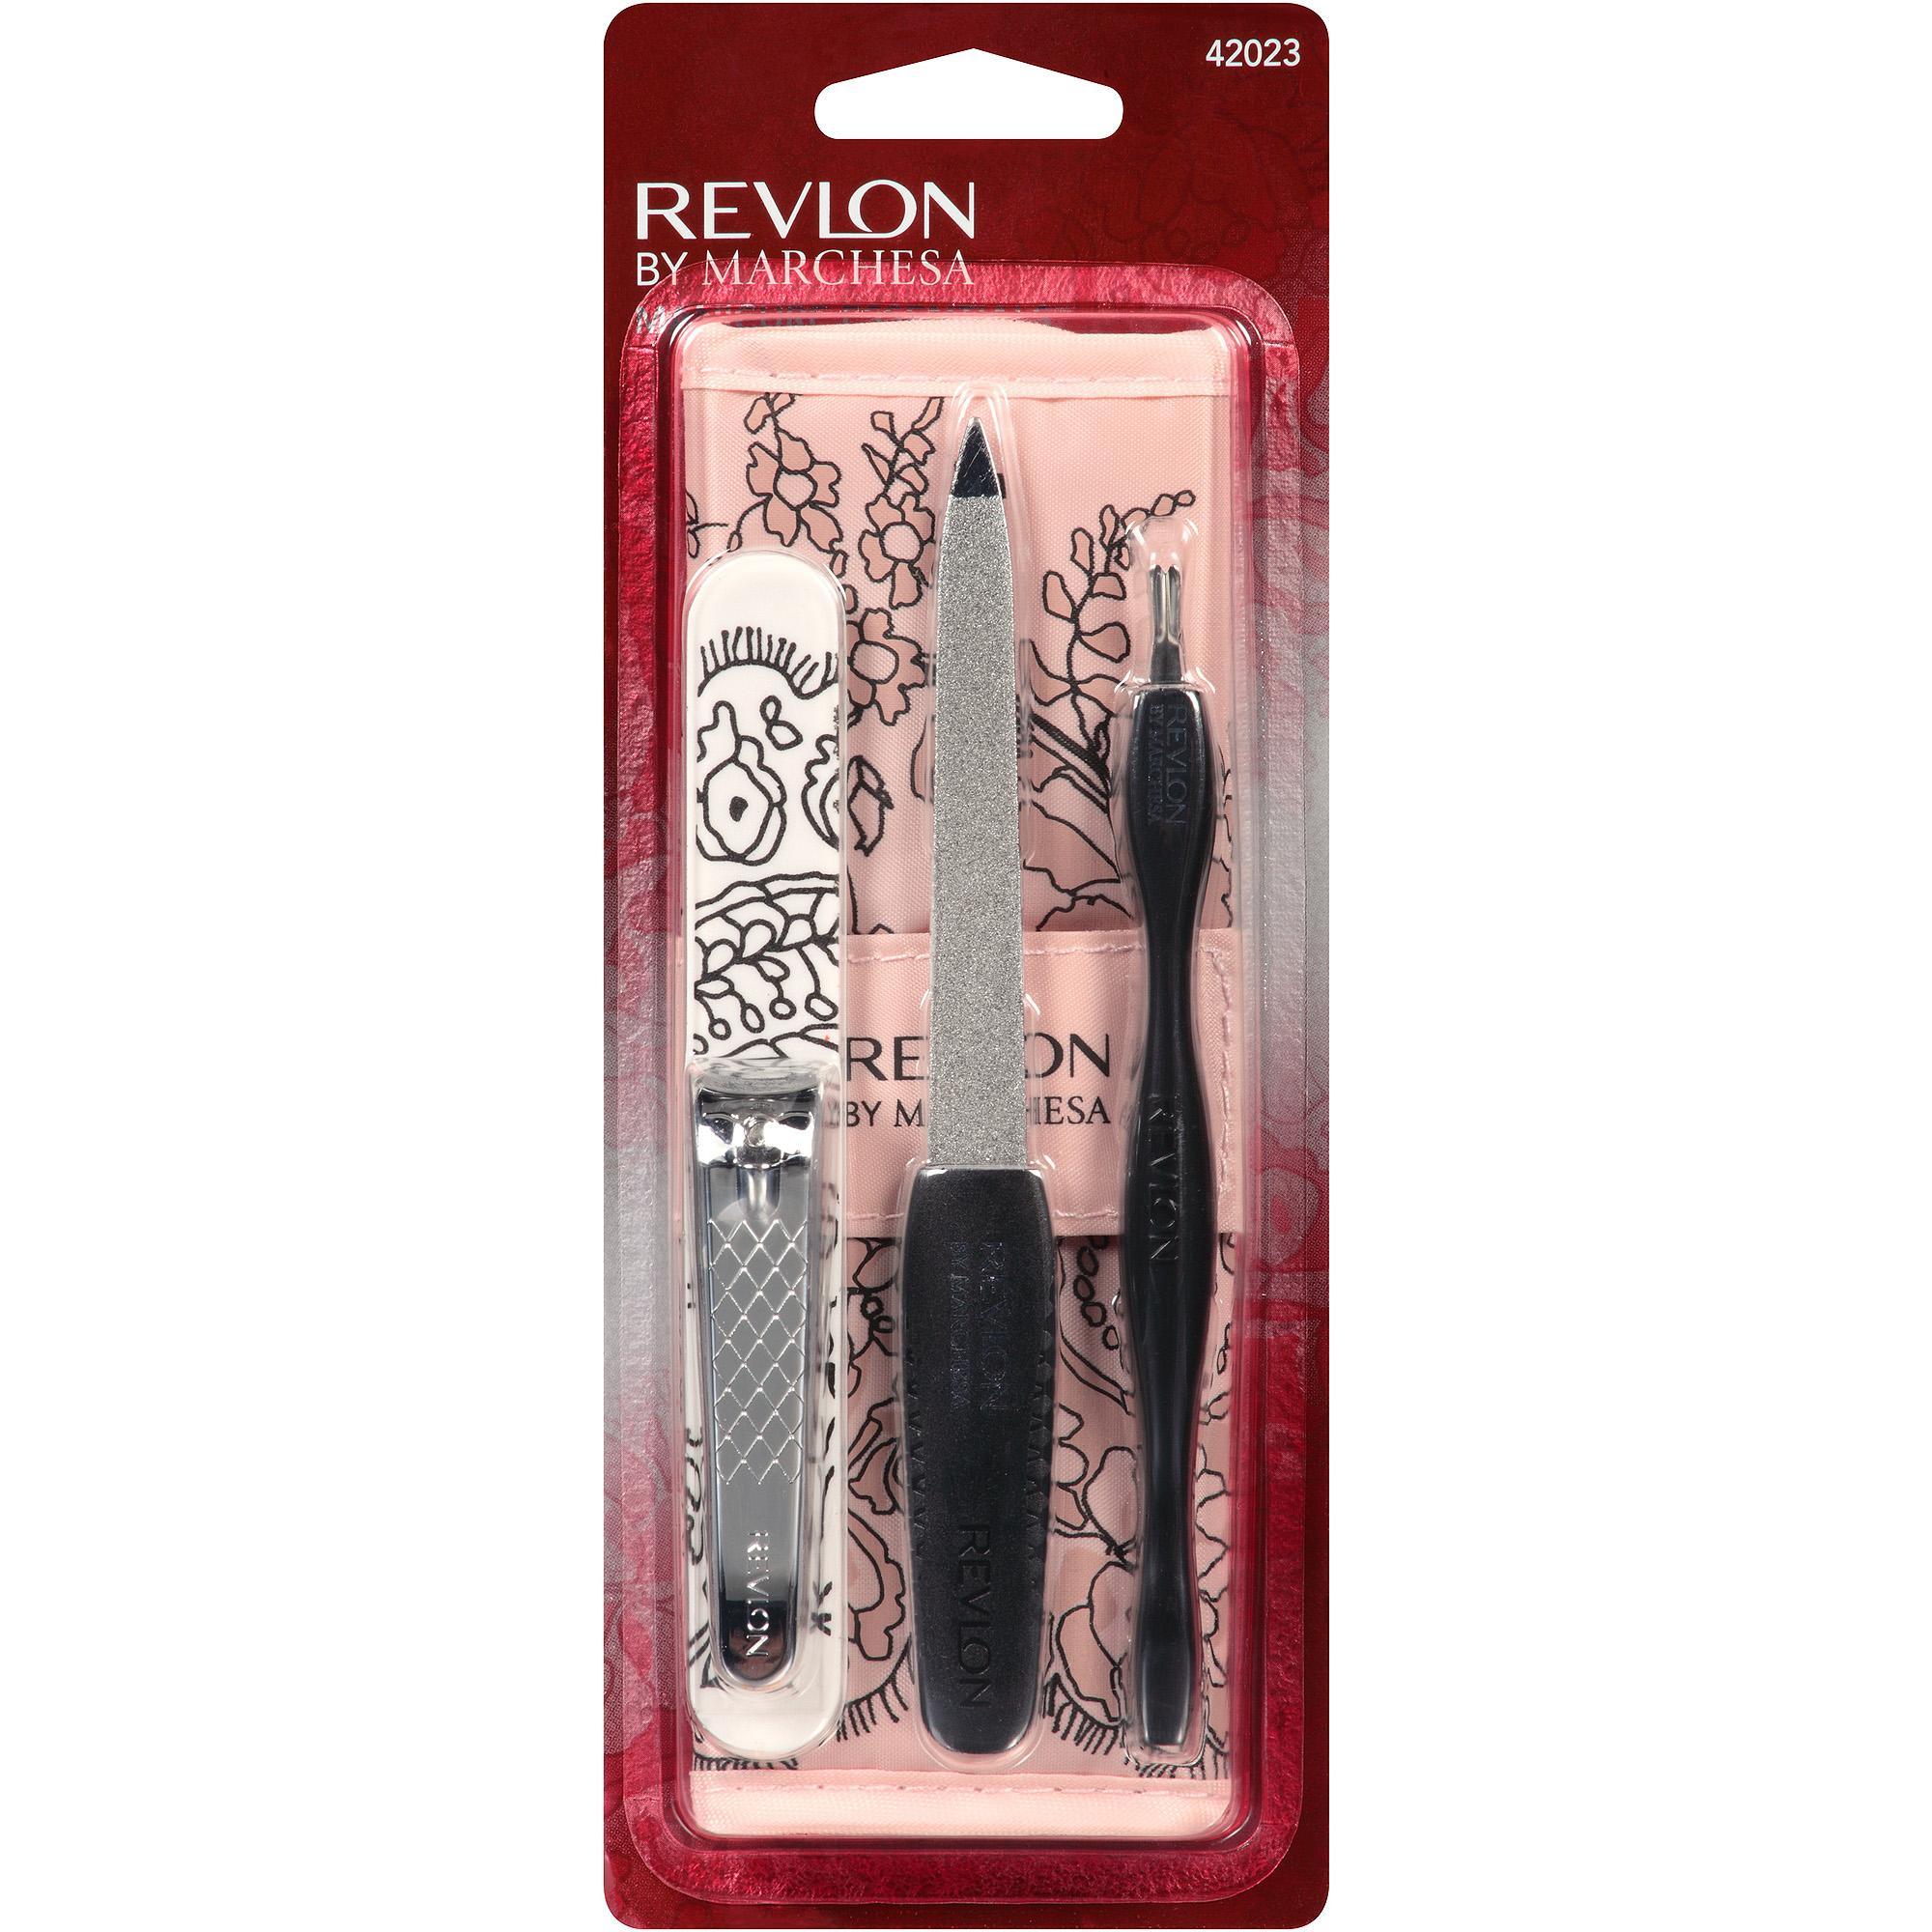 Revlon By Marchesa Variety Manicure Set, 4 pc